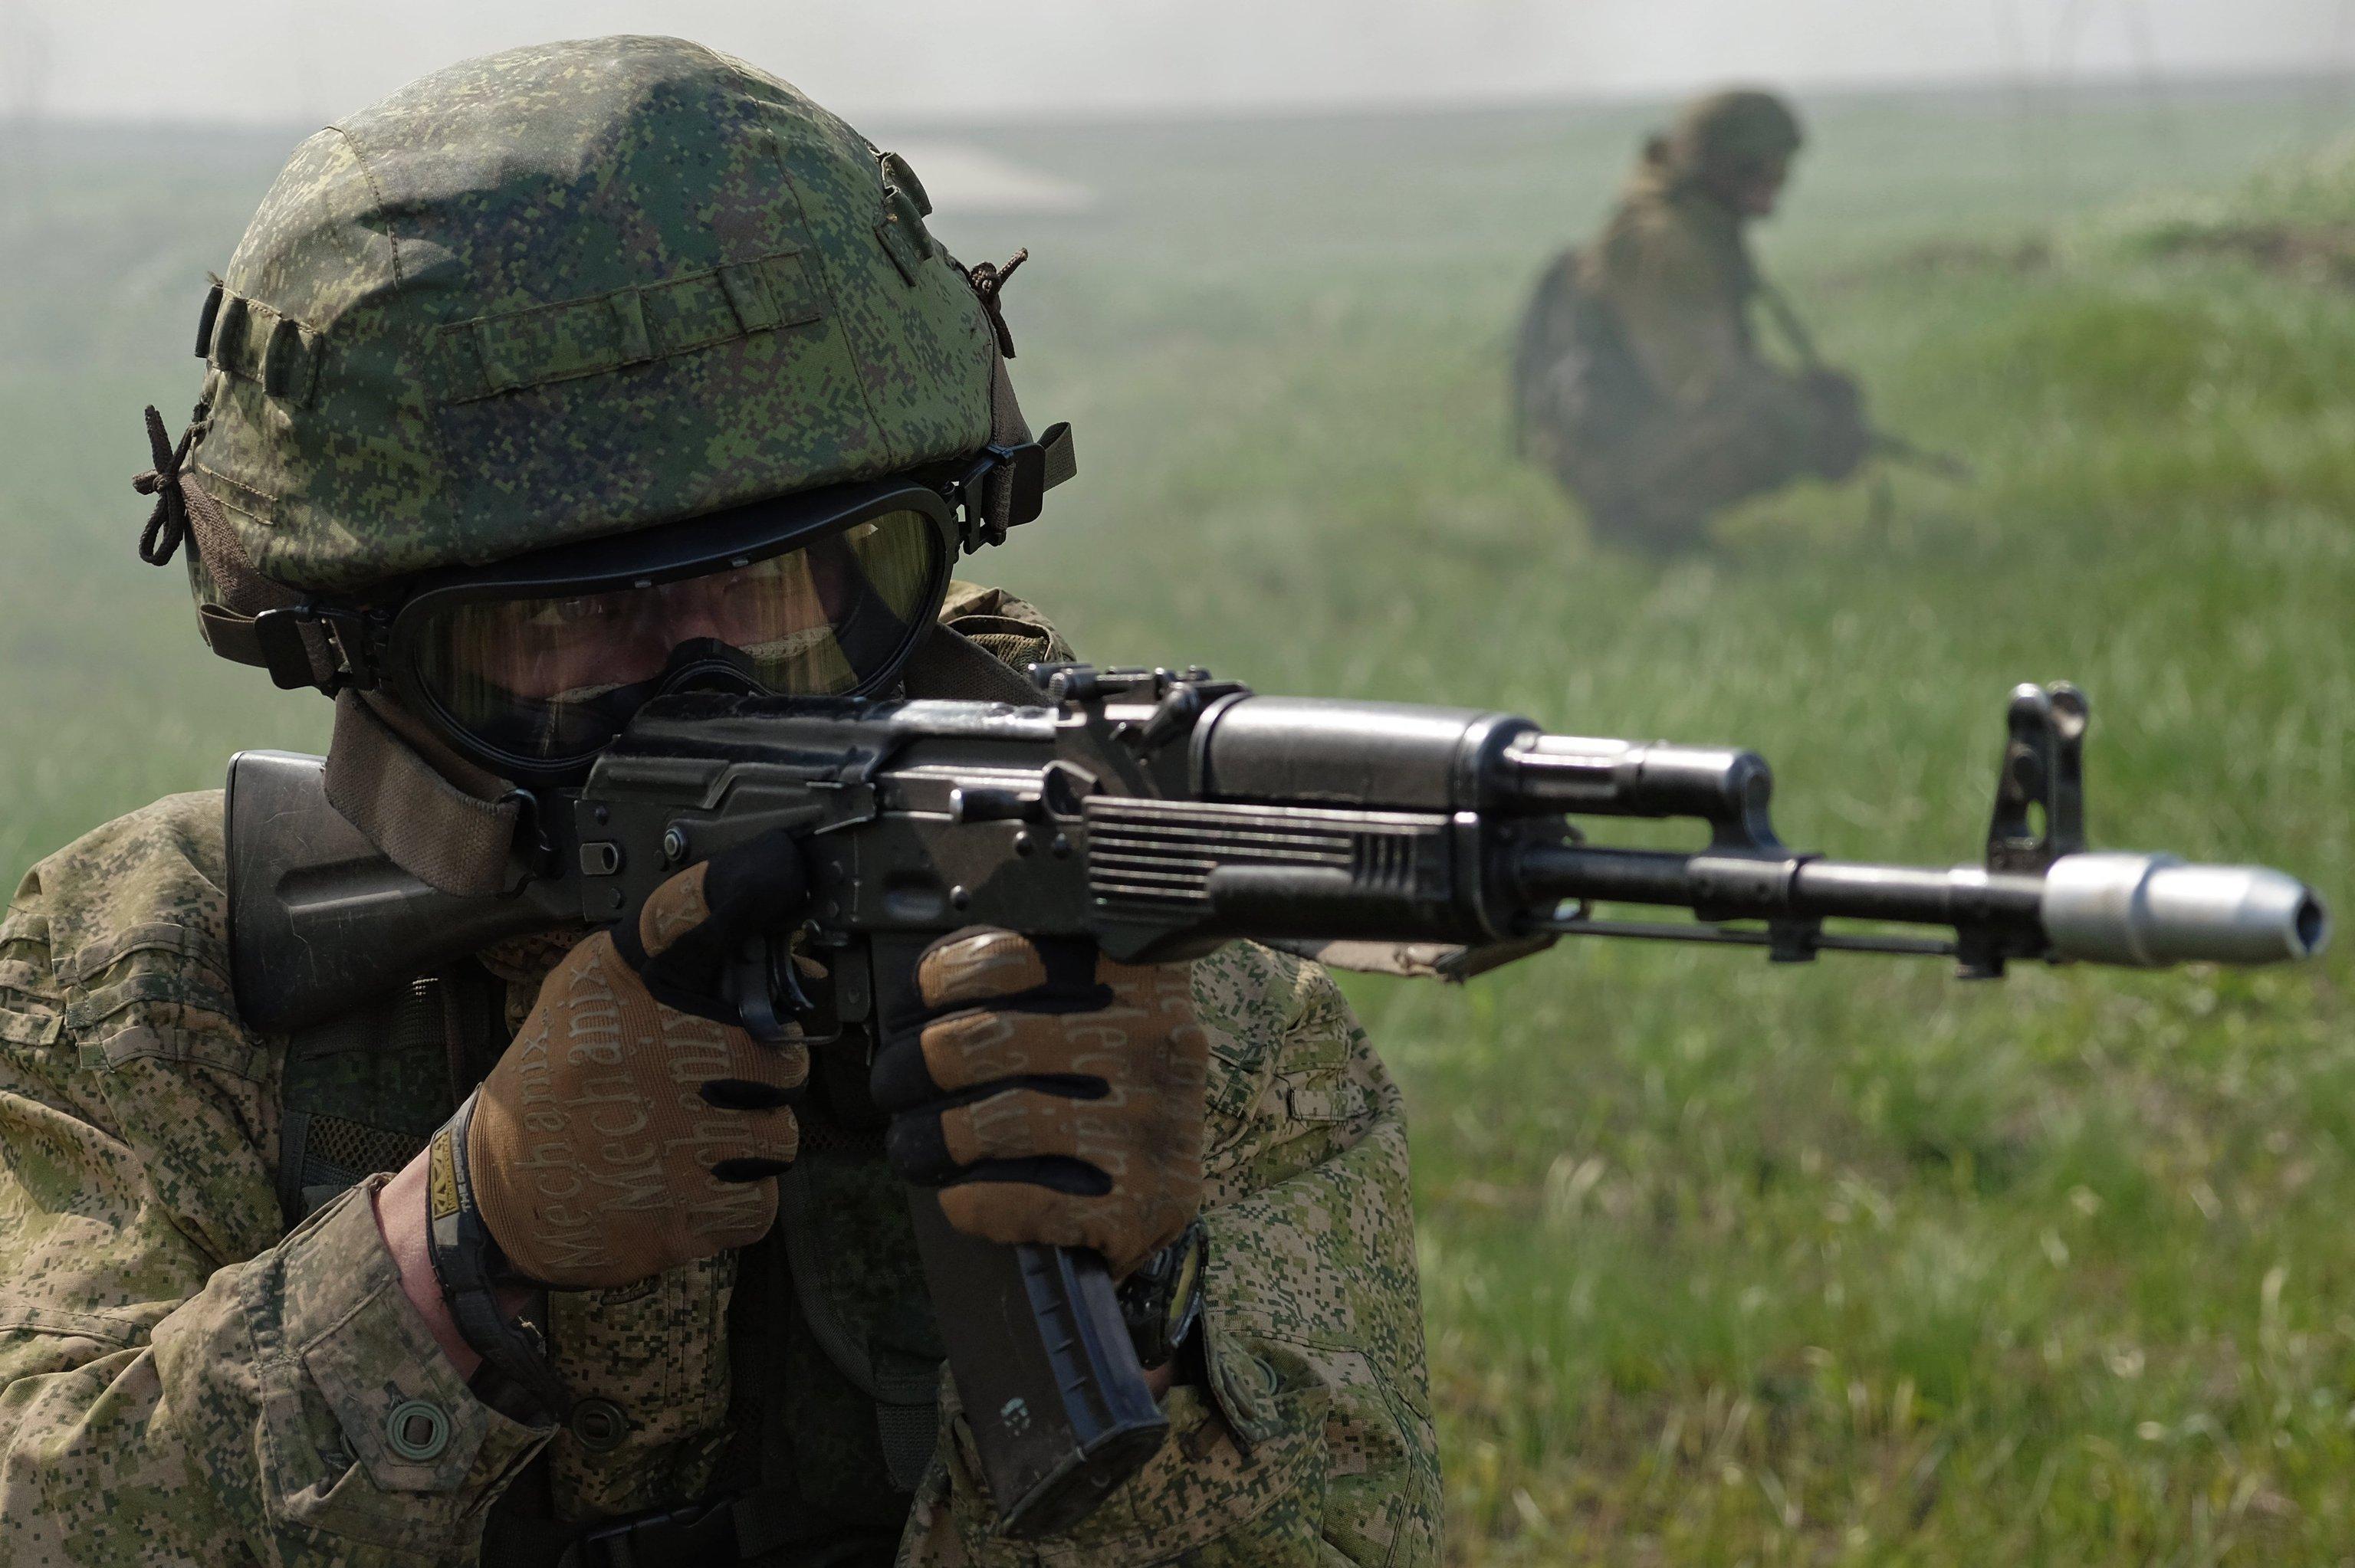 Un militar de la división especial durante las pruebas en la base del Centro de formación de la Tercera brigada de las Fuerzas Especiales